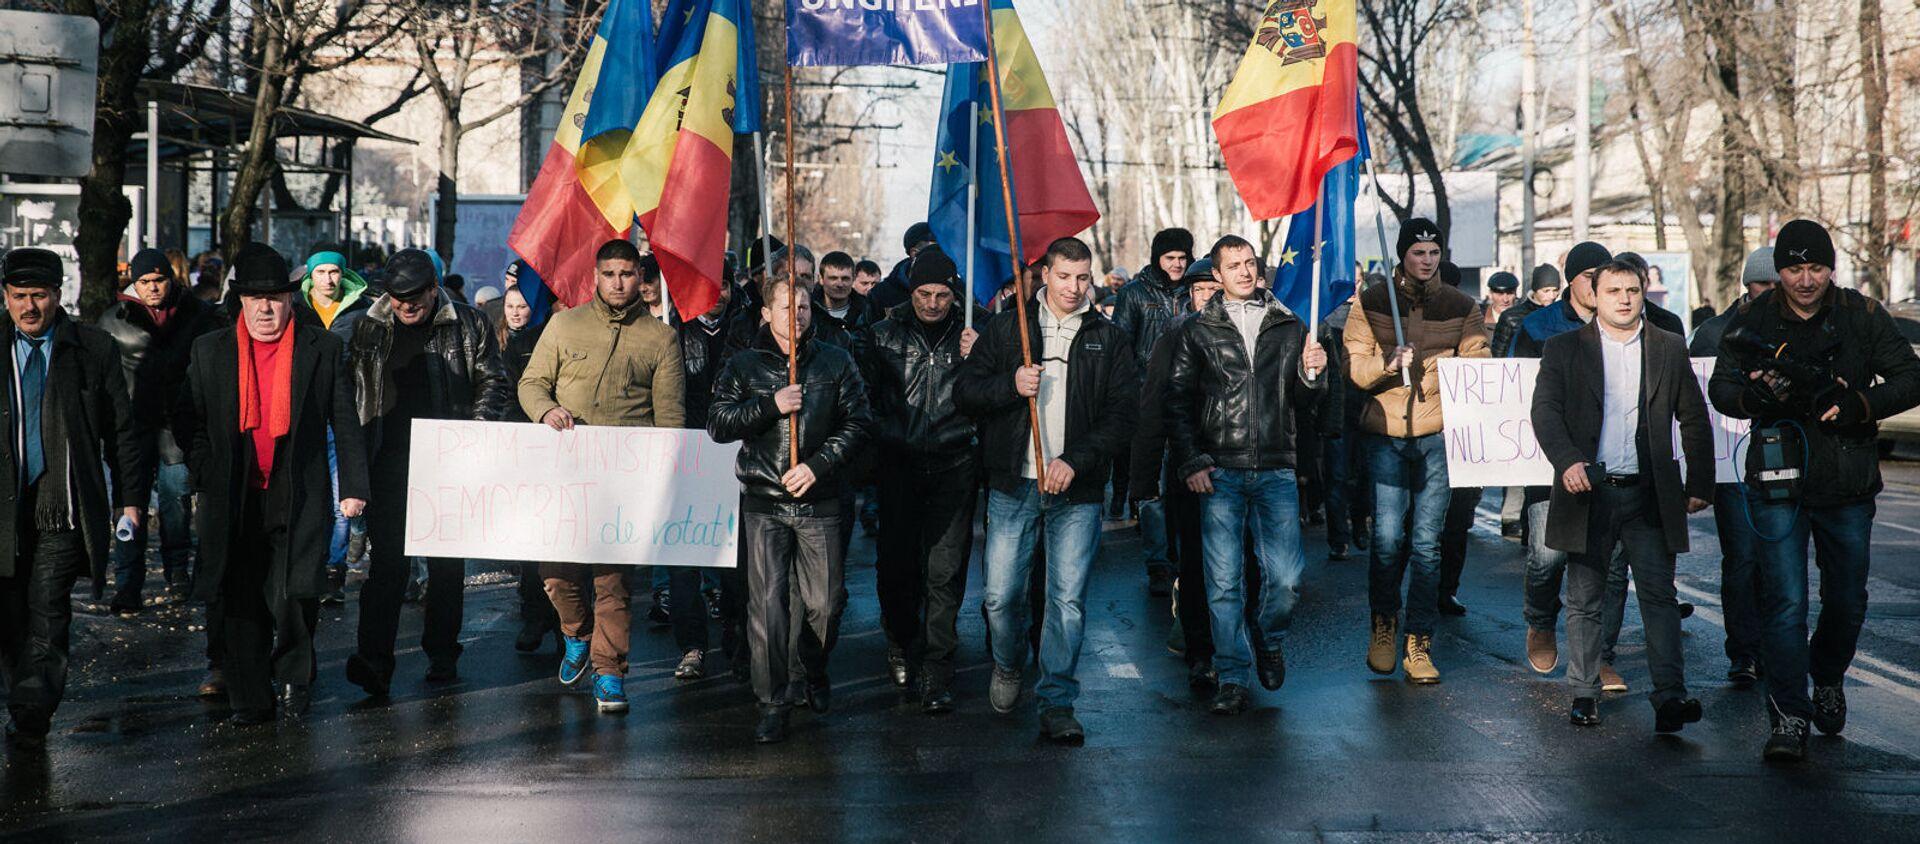 Protestní akce v Kišiněvě - Sputnik Česká republika, 1920, 05.12.2020